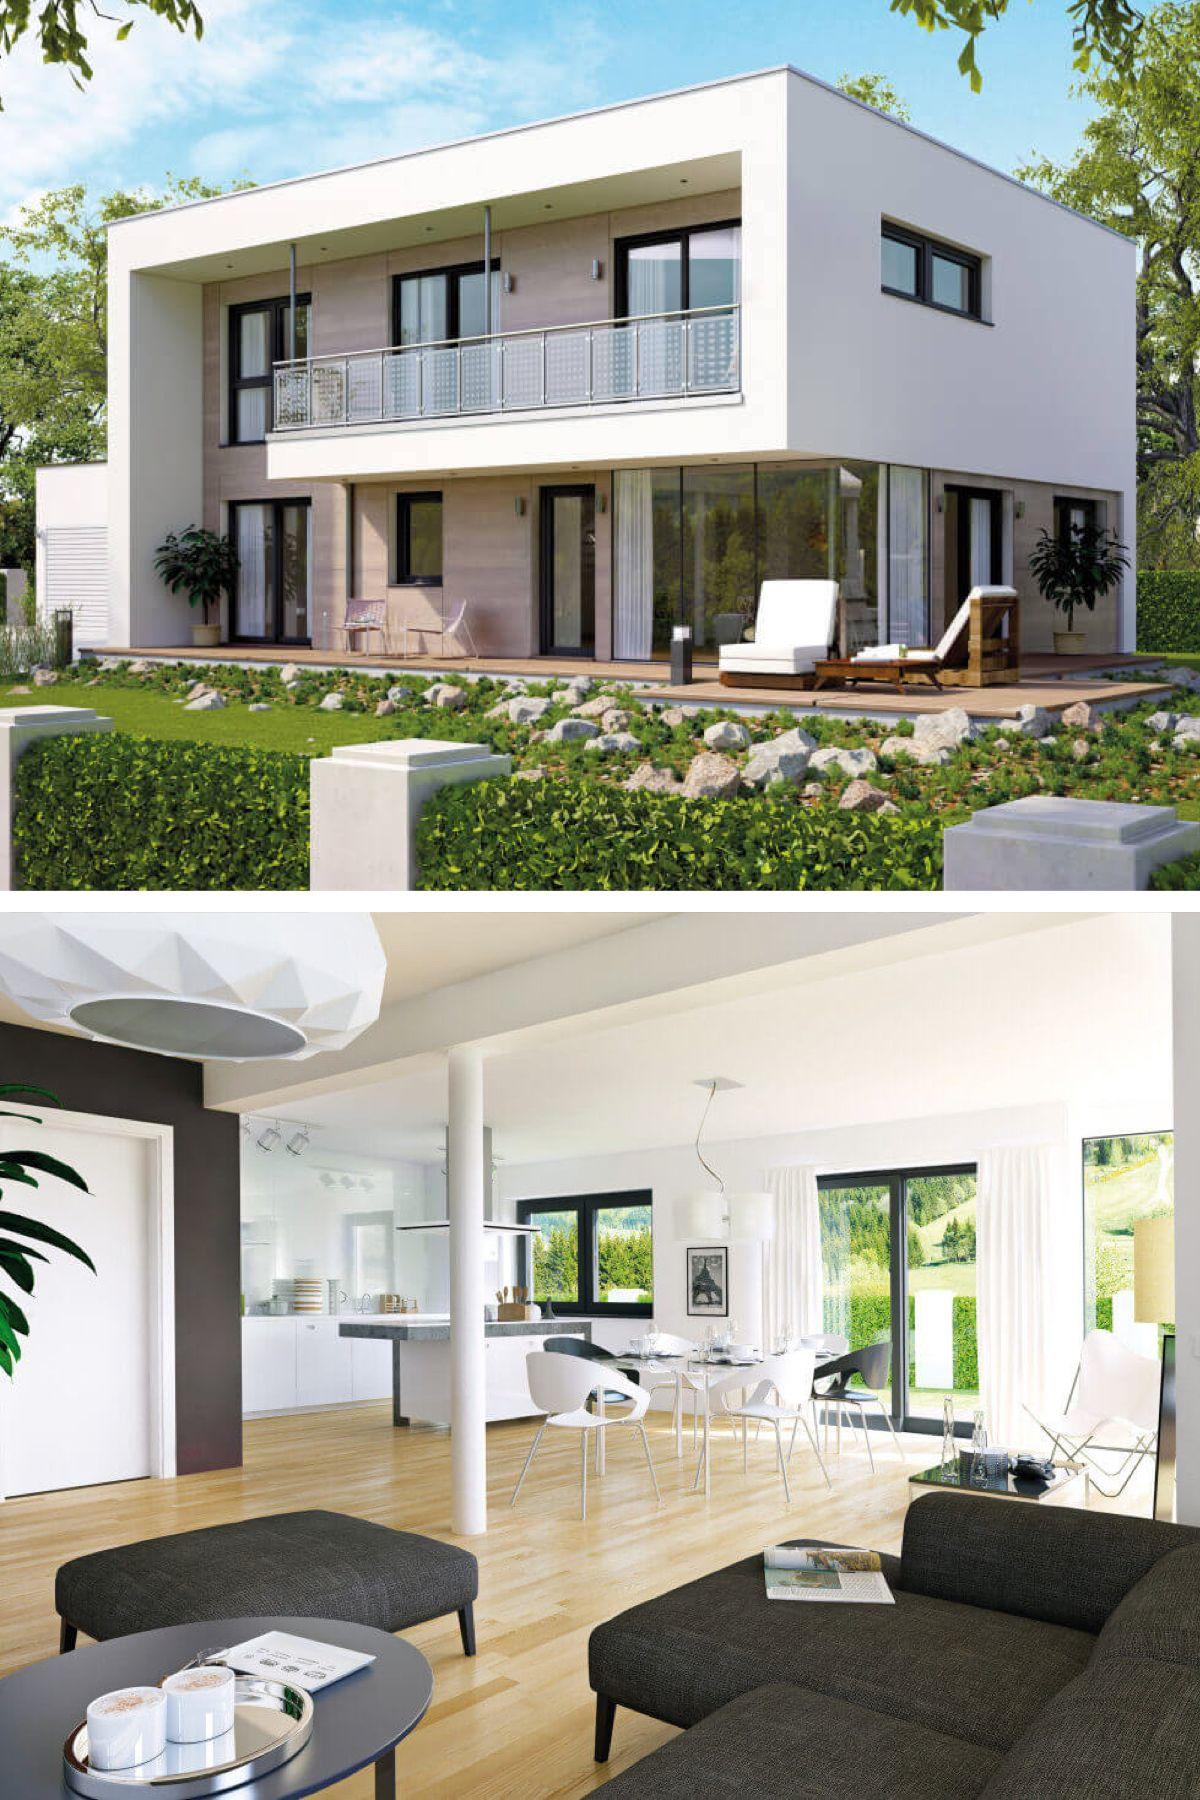 Stadtvilla Modern Bauhaus-Stil Mit Flachdach-Architektur